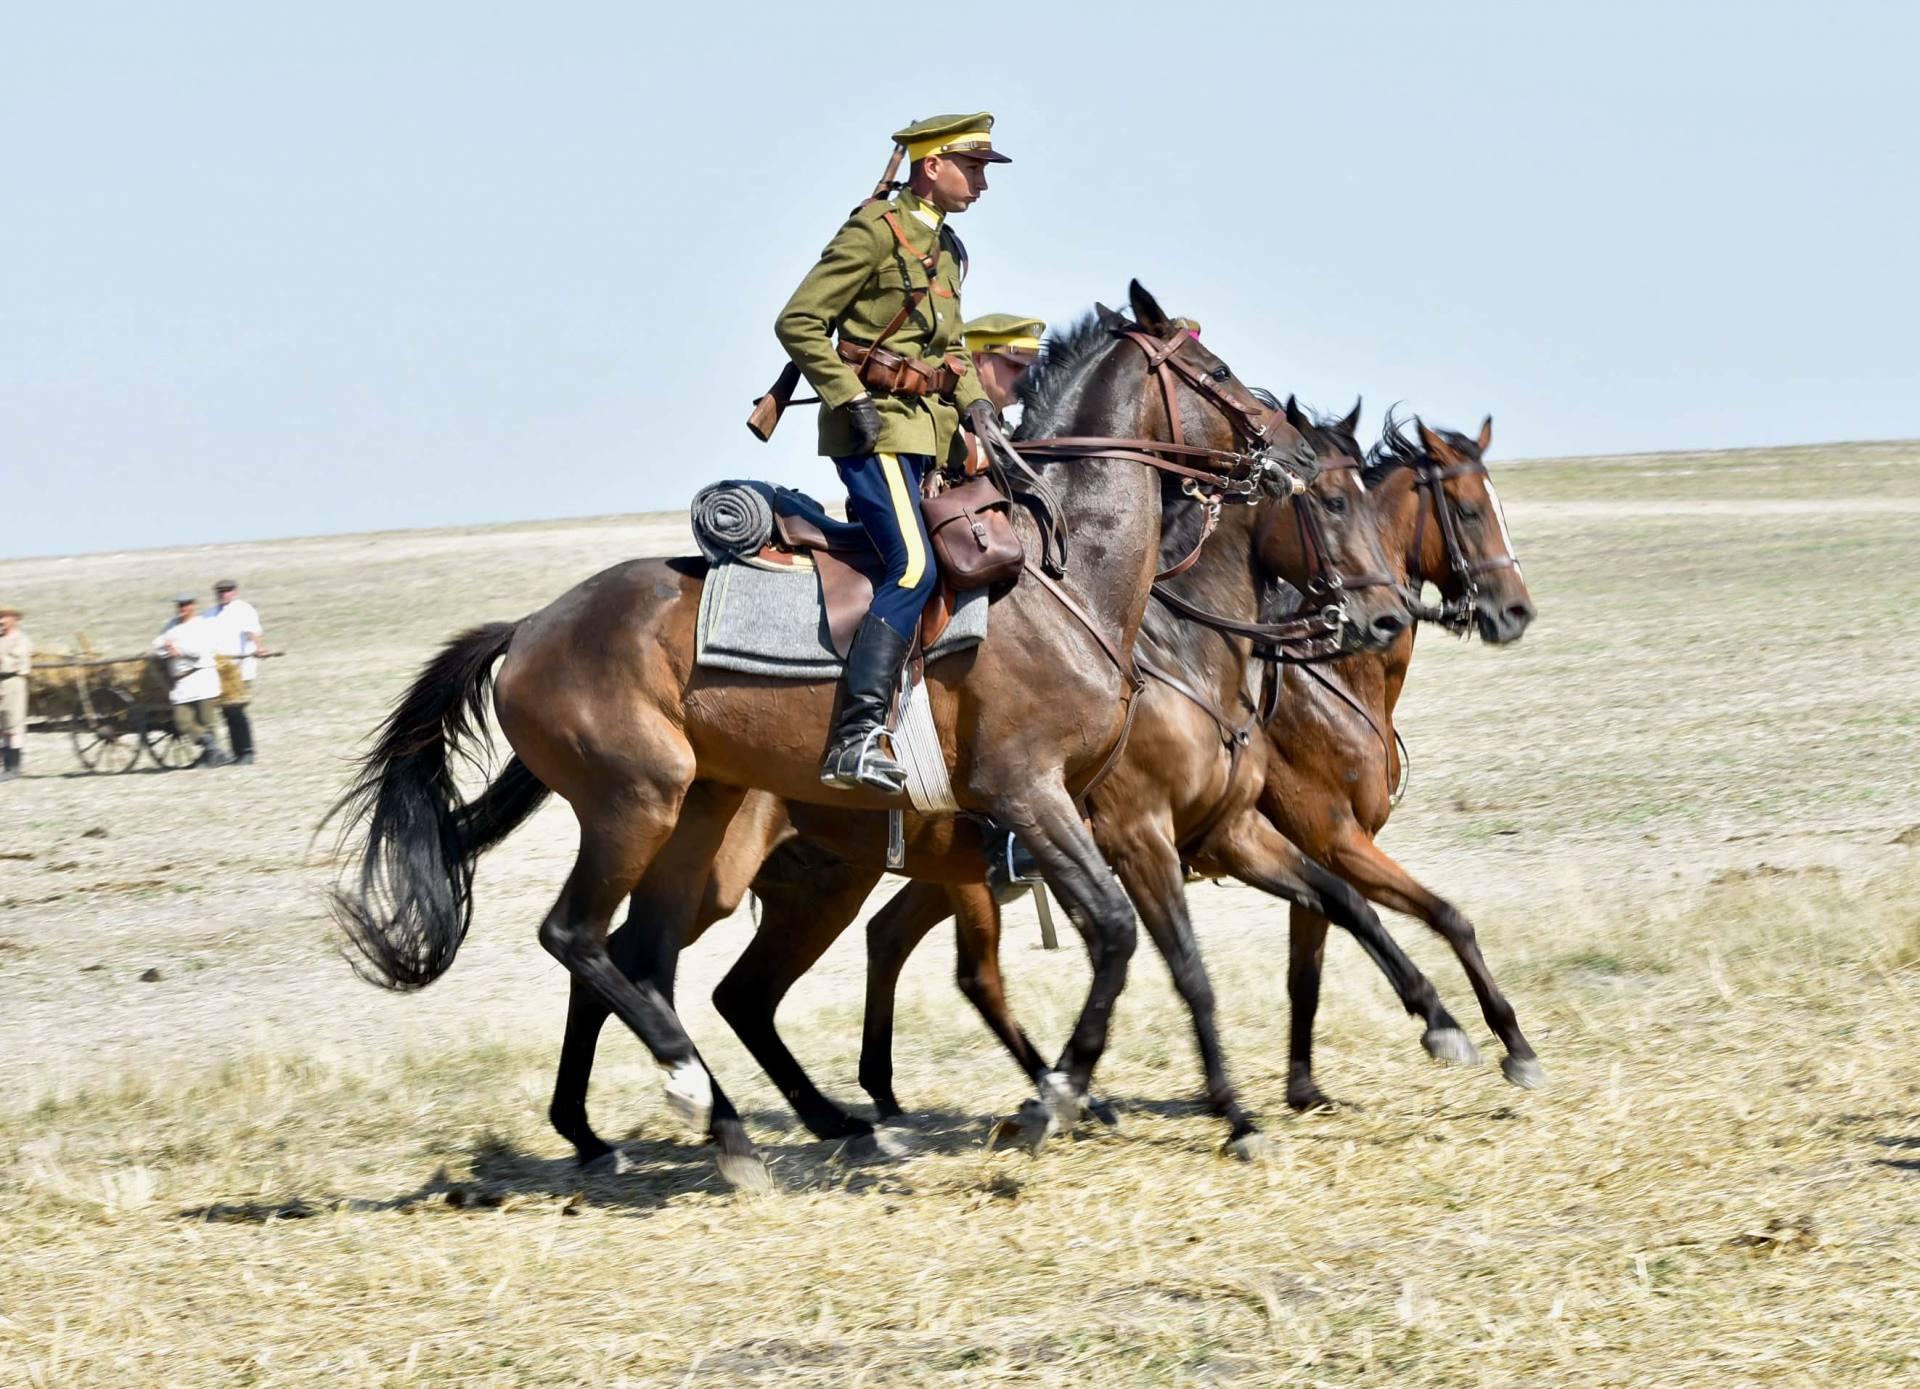 dsc 0602 Czas szabli - 100 rocznica bitwy pod Komarowem(zdjęcia)